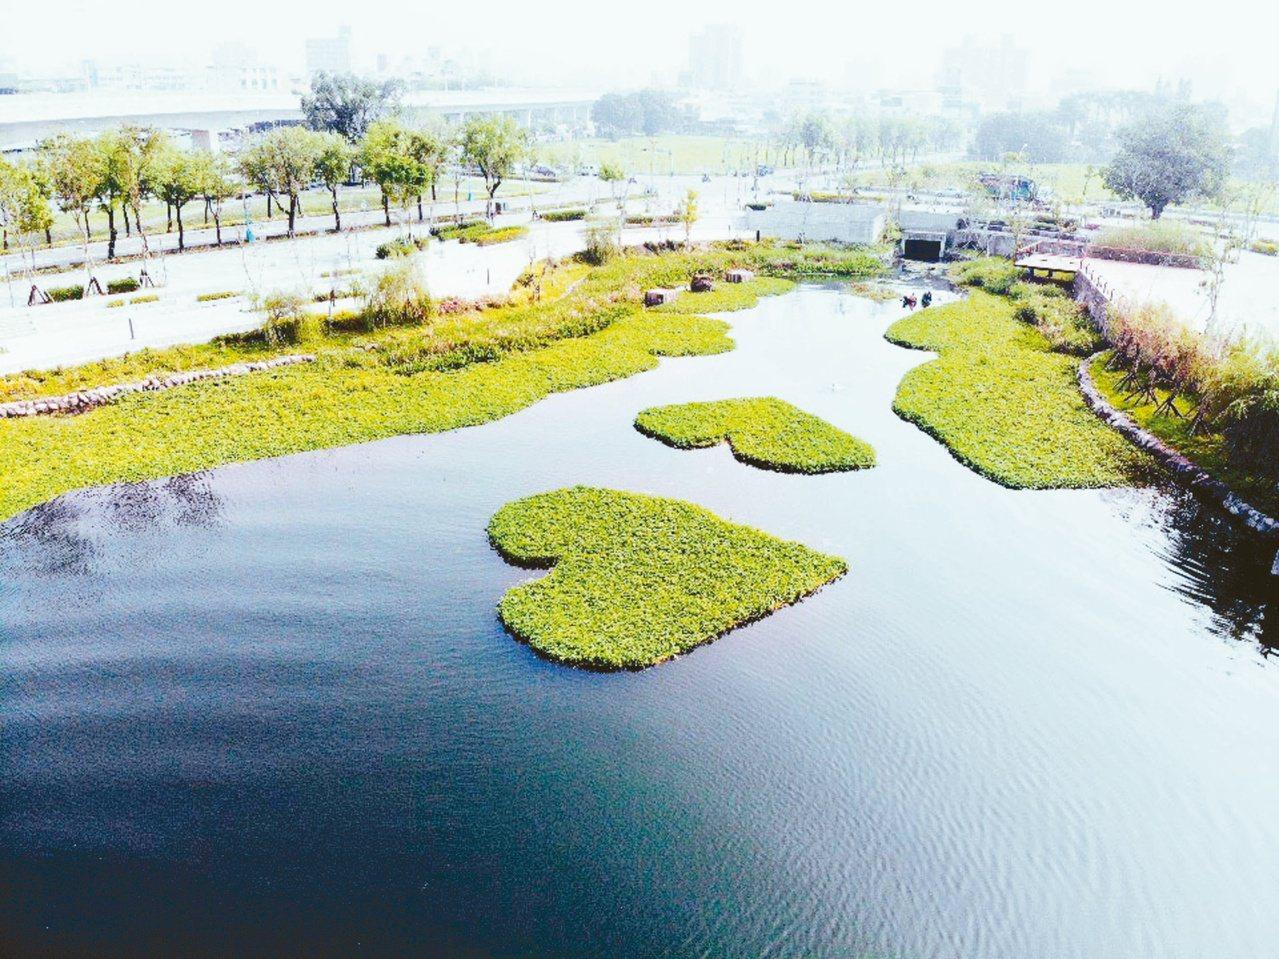 台中市東區新景點的星泉湖,號稱會呼吸的湖。 圖/台中市府提供